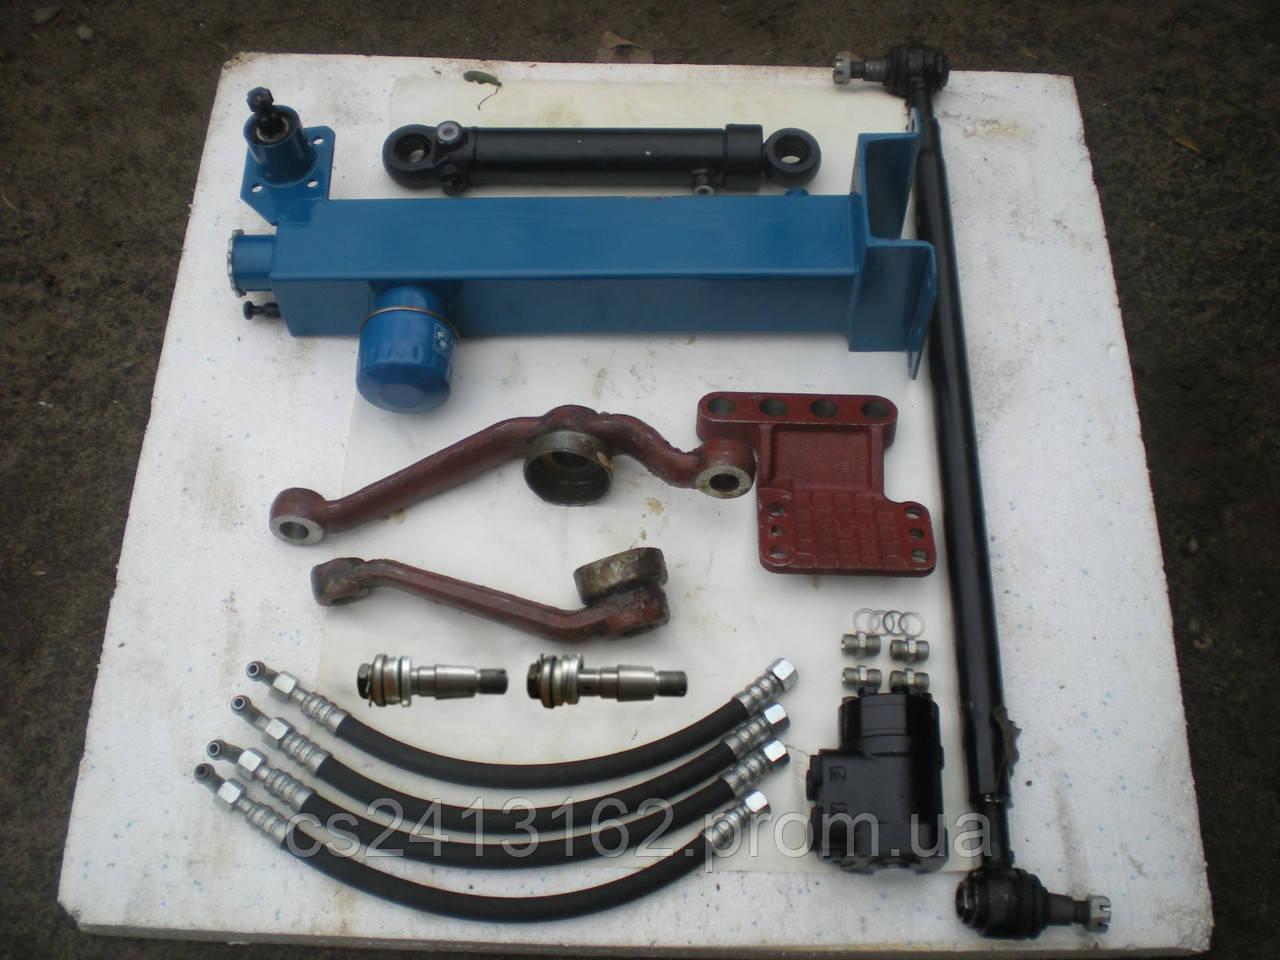 Комплект переоборудования рулевого управления МТЗ-80 под насос дозатор с чугунным рулевым кронштейном с гидроб